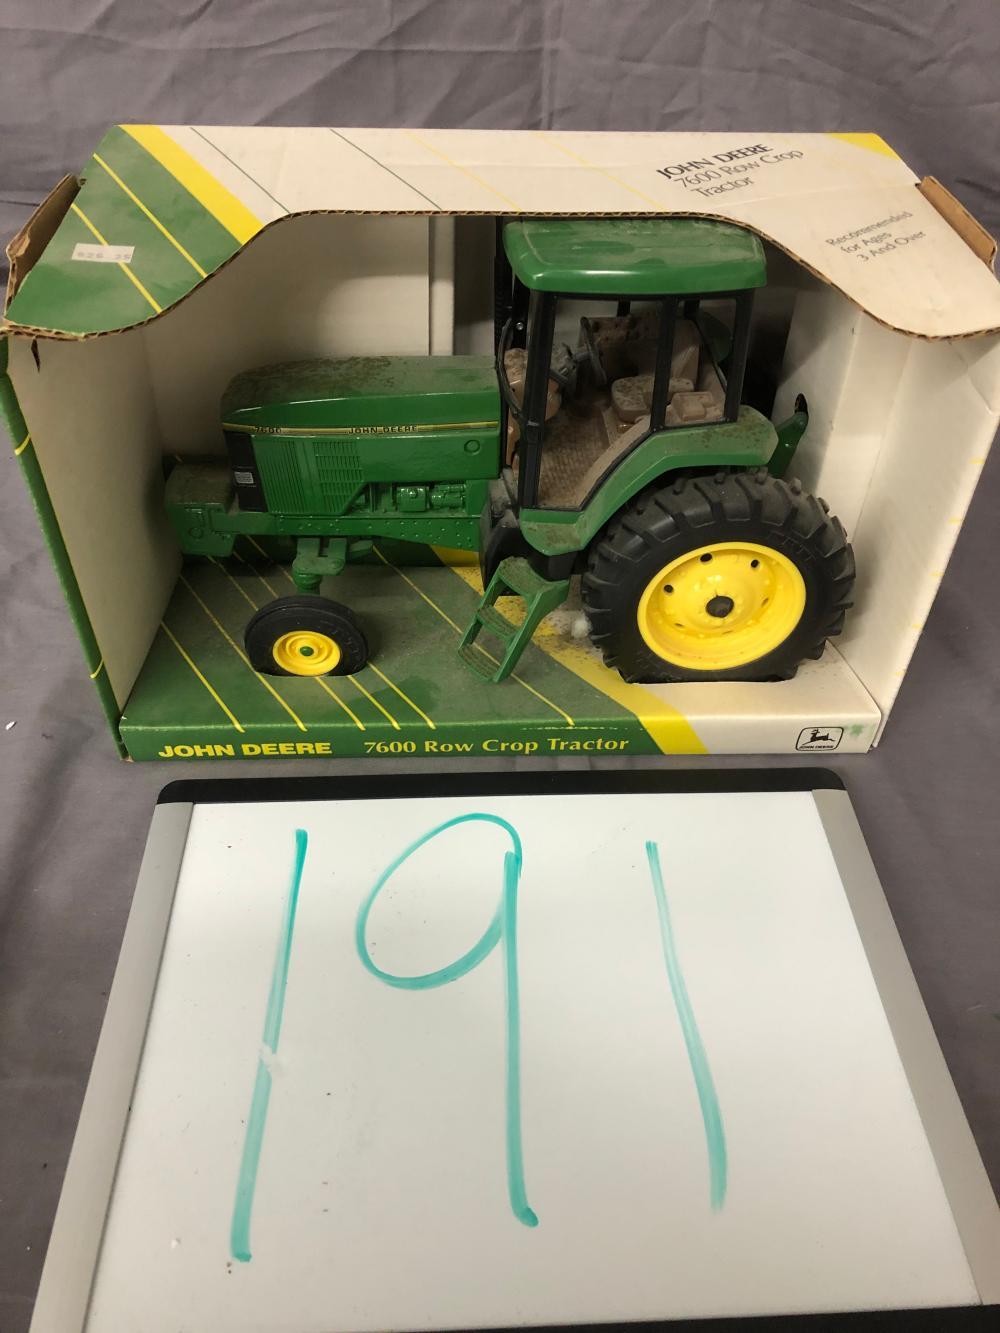 1/16th scale John Deere 7600 Row Crop Tractor